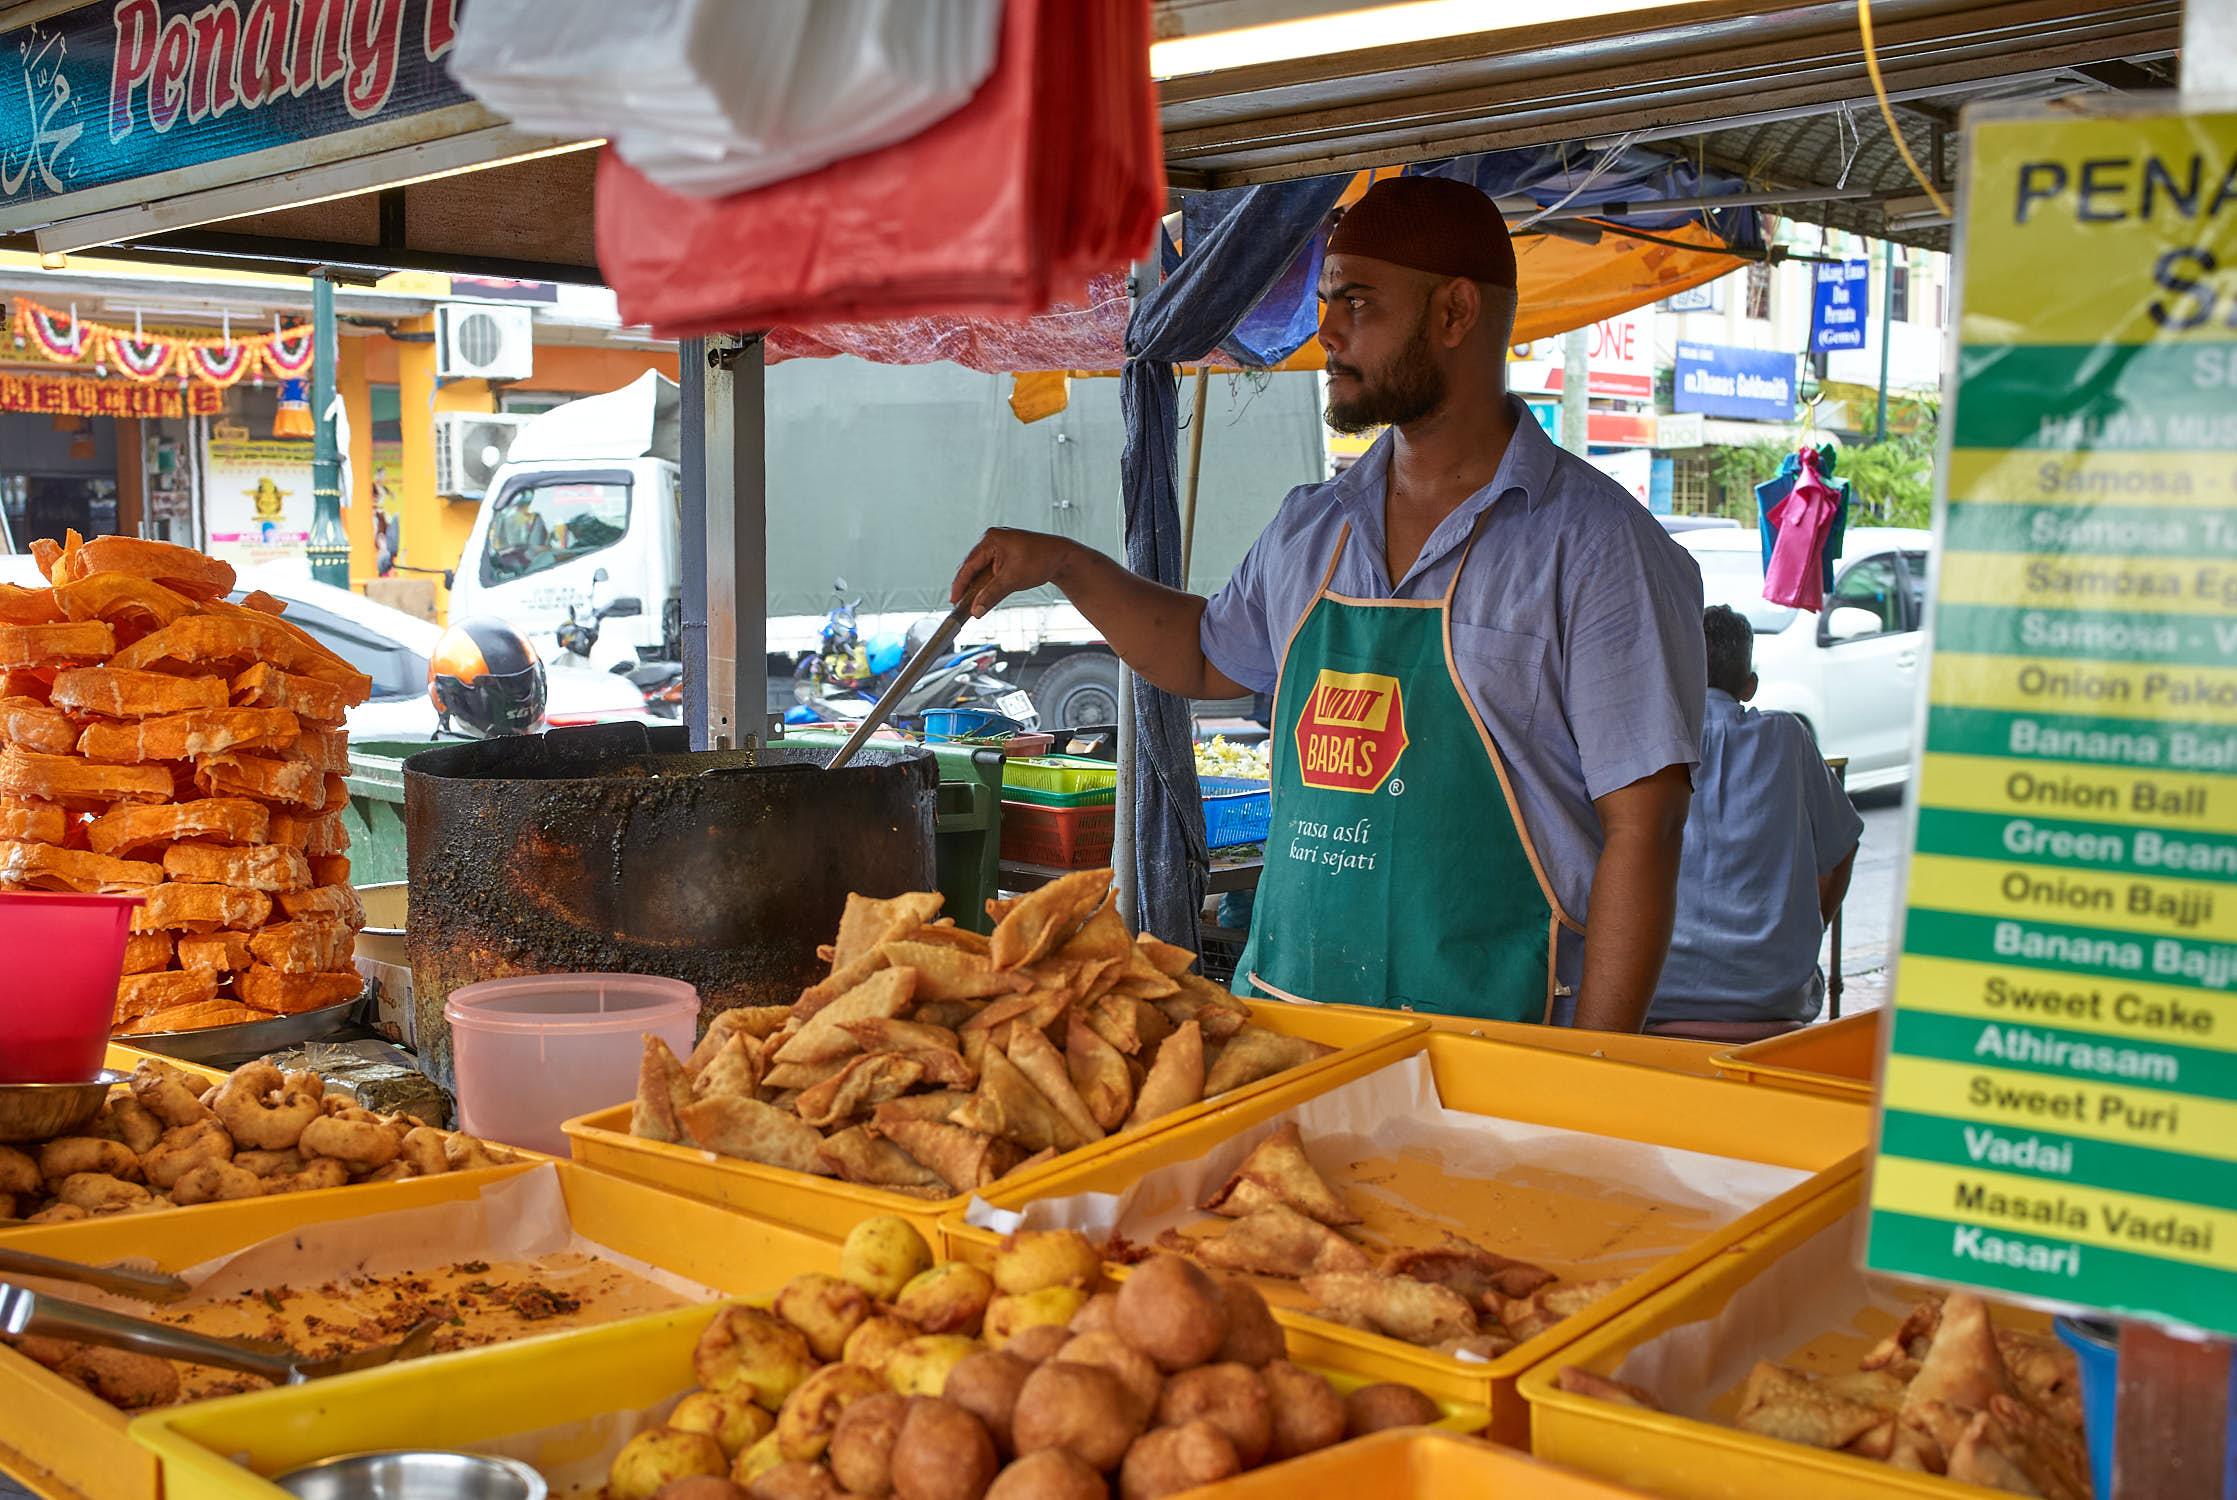 Penang Special Samosa Shop